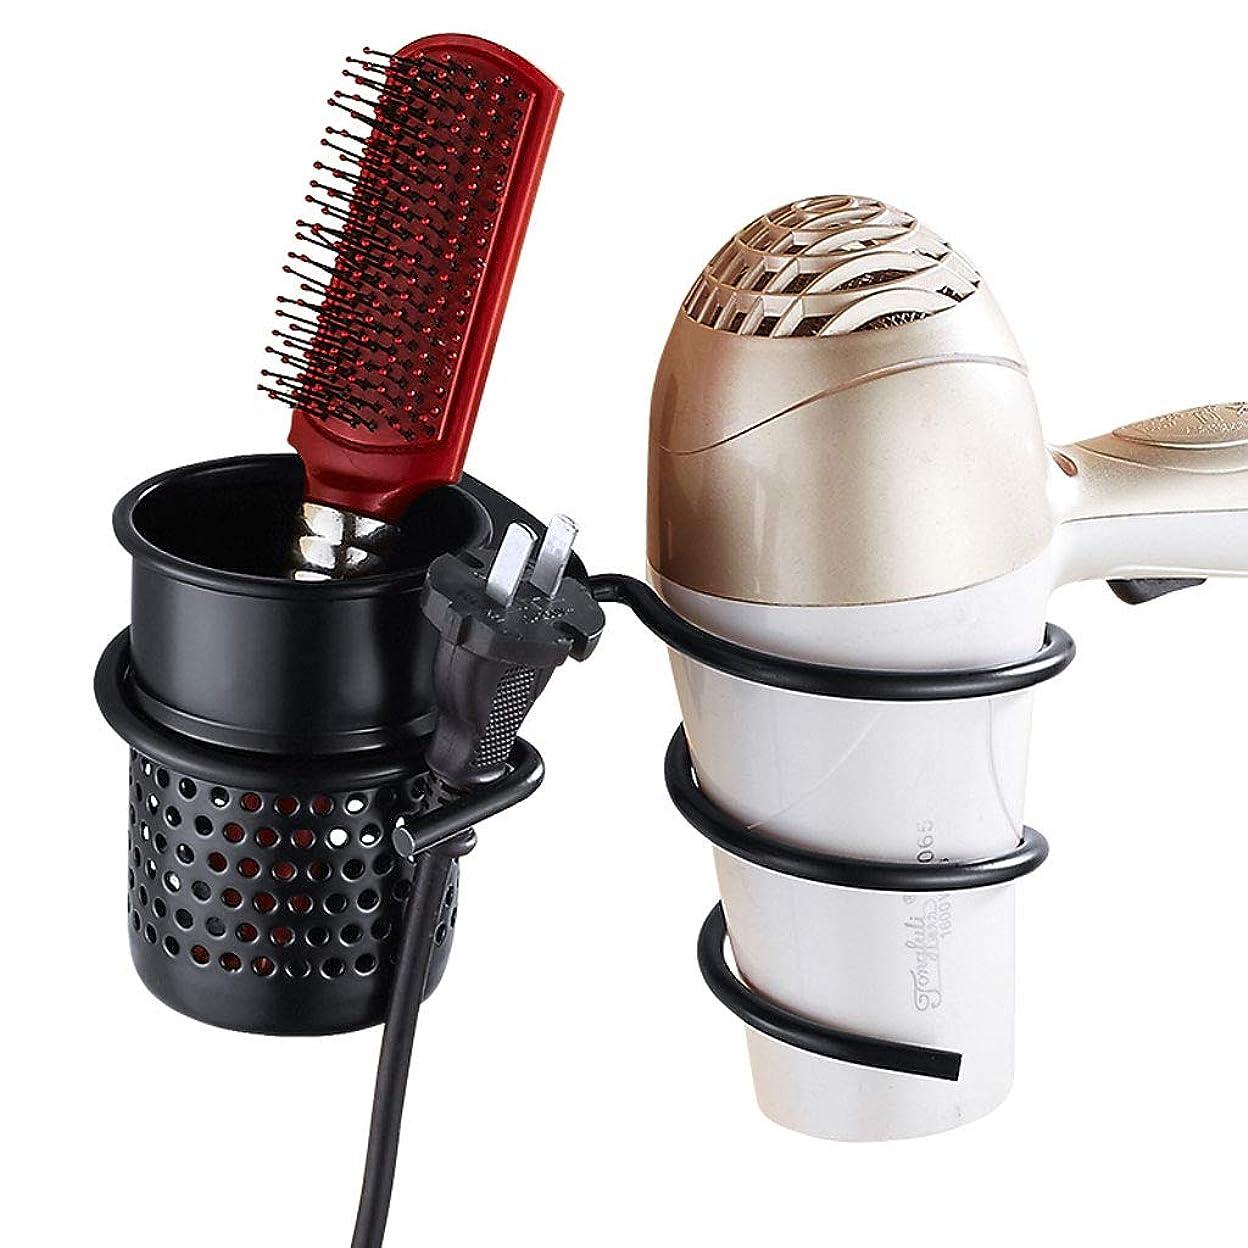 葡萄早く動く浴室の棚、タオル掛け 掘削せずに壁掛けバスルーム棚、櫛ストレージ髪ラックバスルーム棚 (Color : Black)